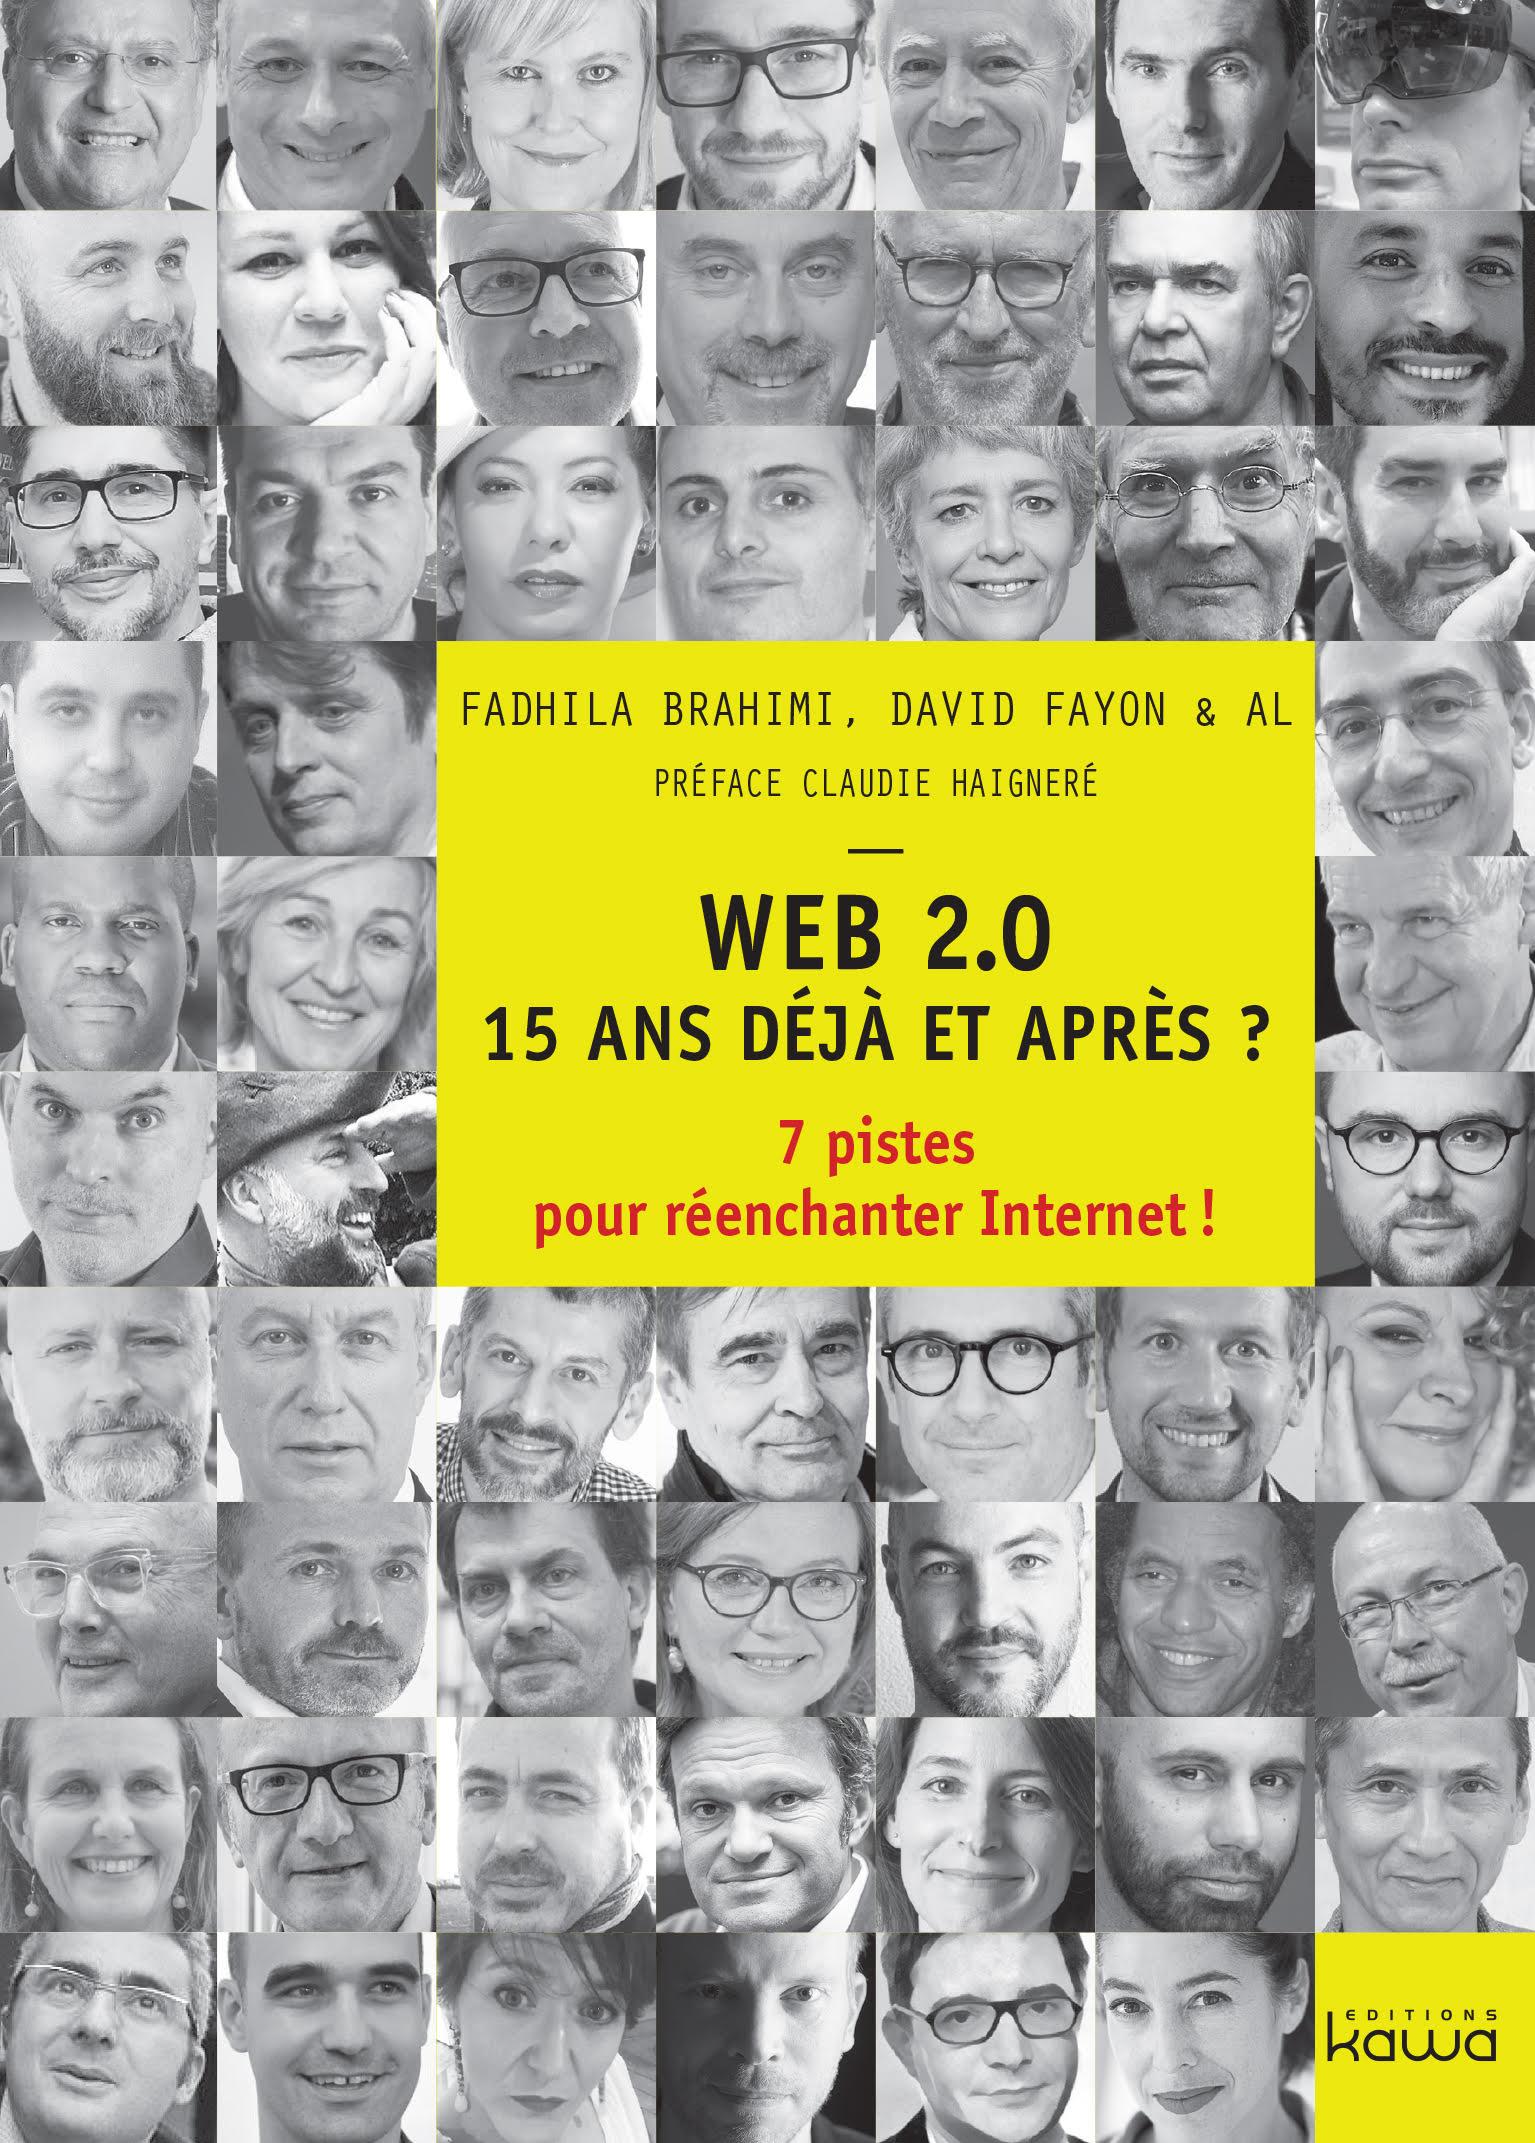 """Lancement de """"Web 2.0 15 ans déjà et après? 7 pistes pour réenchanter Internet!"""" L'interview"""